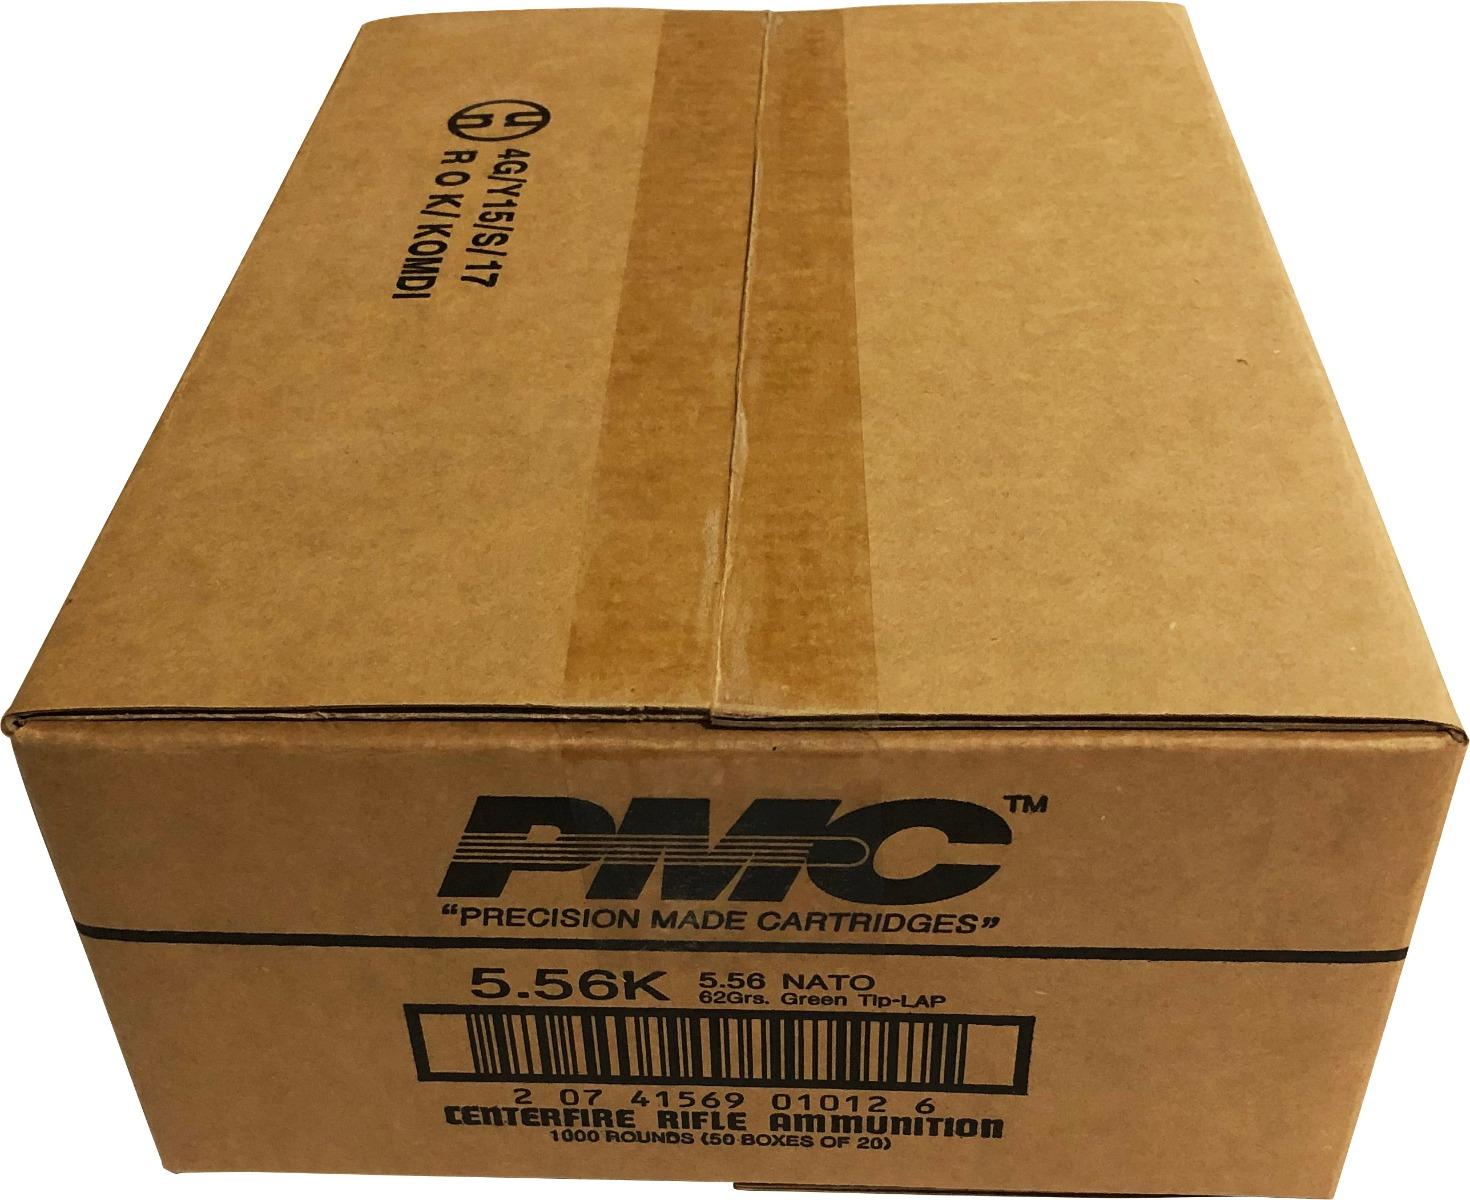 PMC X-TAC 5.56NATO Rifle Ammo - 62 Grain | LAP | 1 Case (50 boxes)